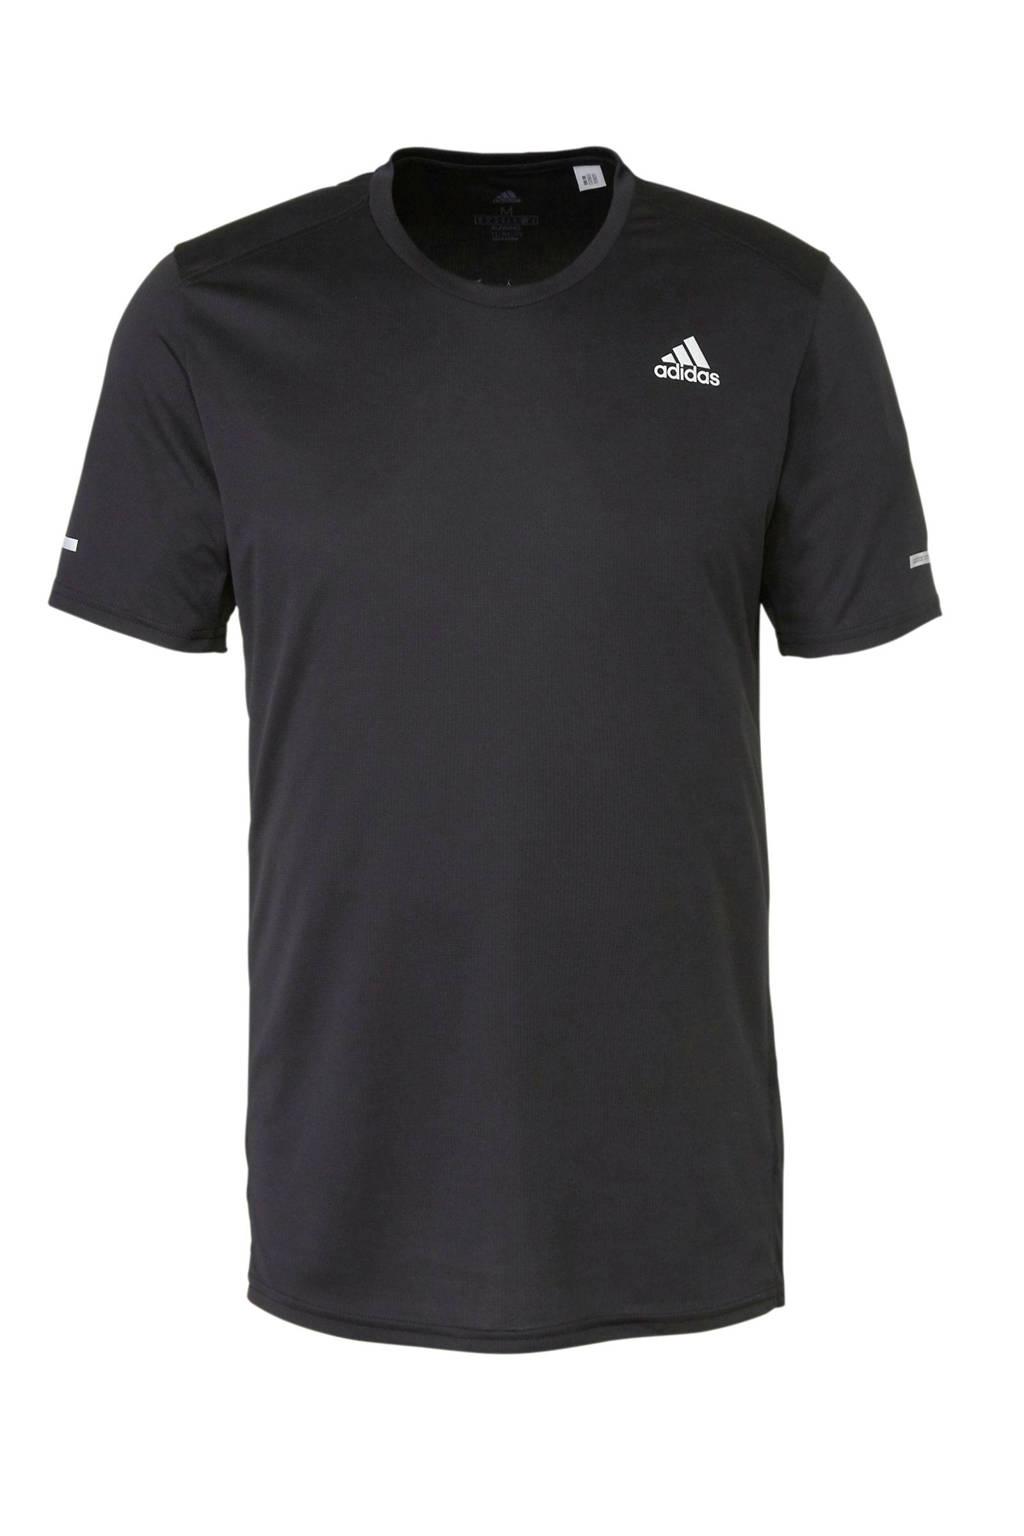 adidas performance   performance sport T-shirt zwart, Zwart